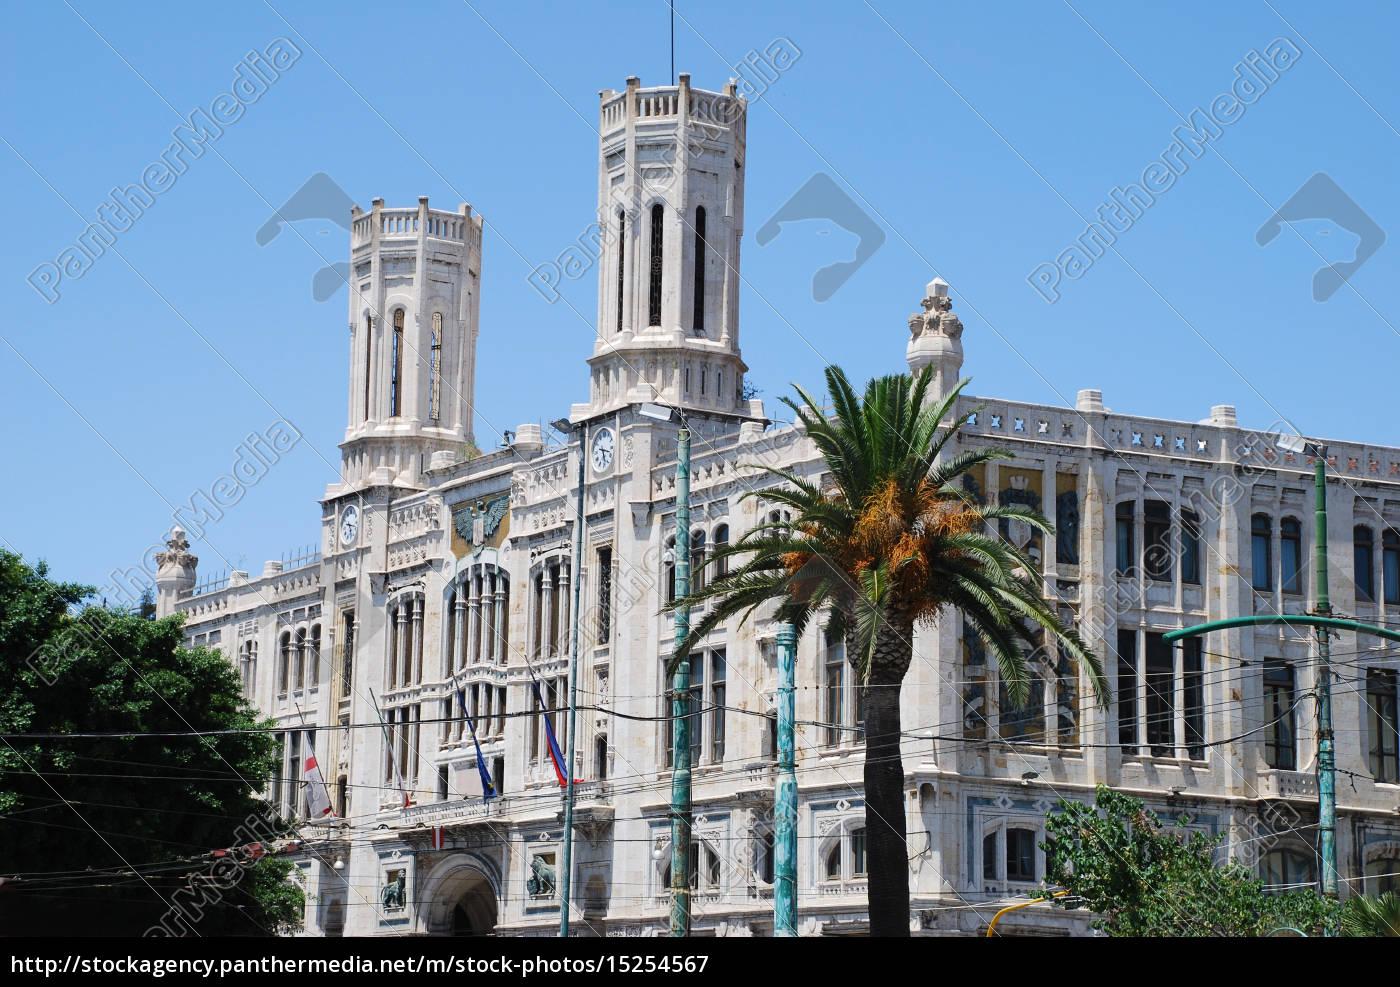 prefeitura, palazzo, civico, del, comune, di - 15254567